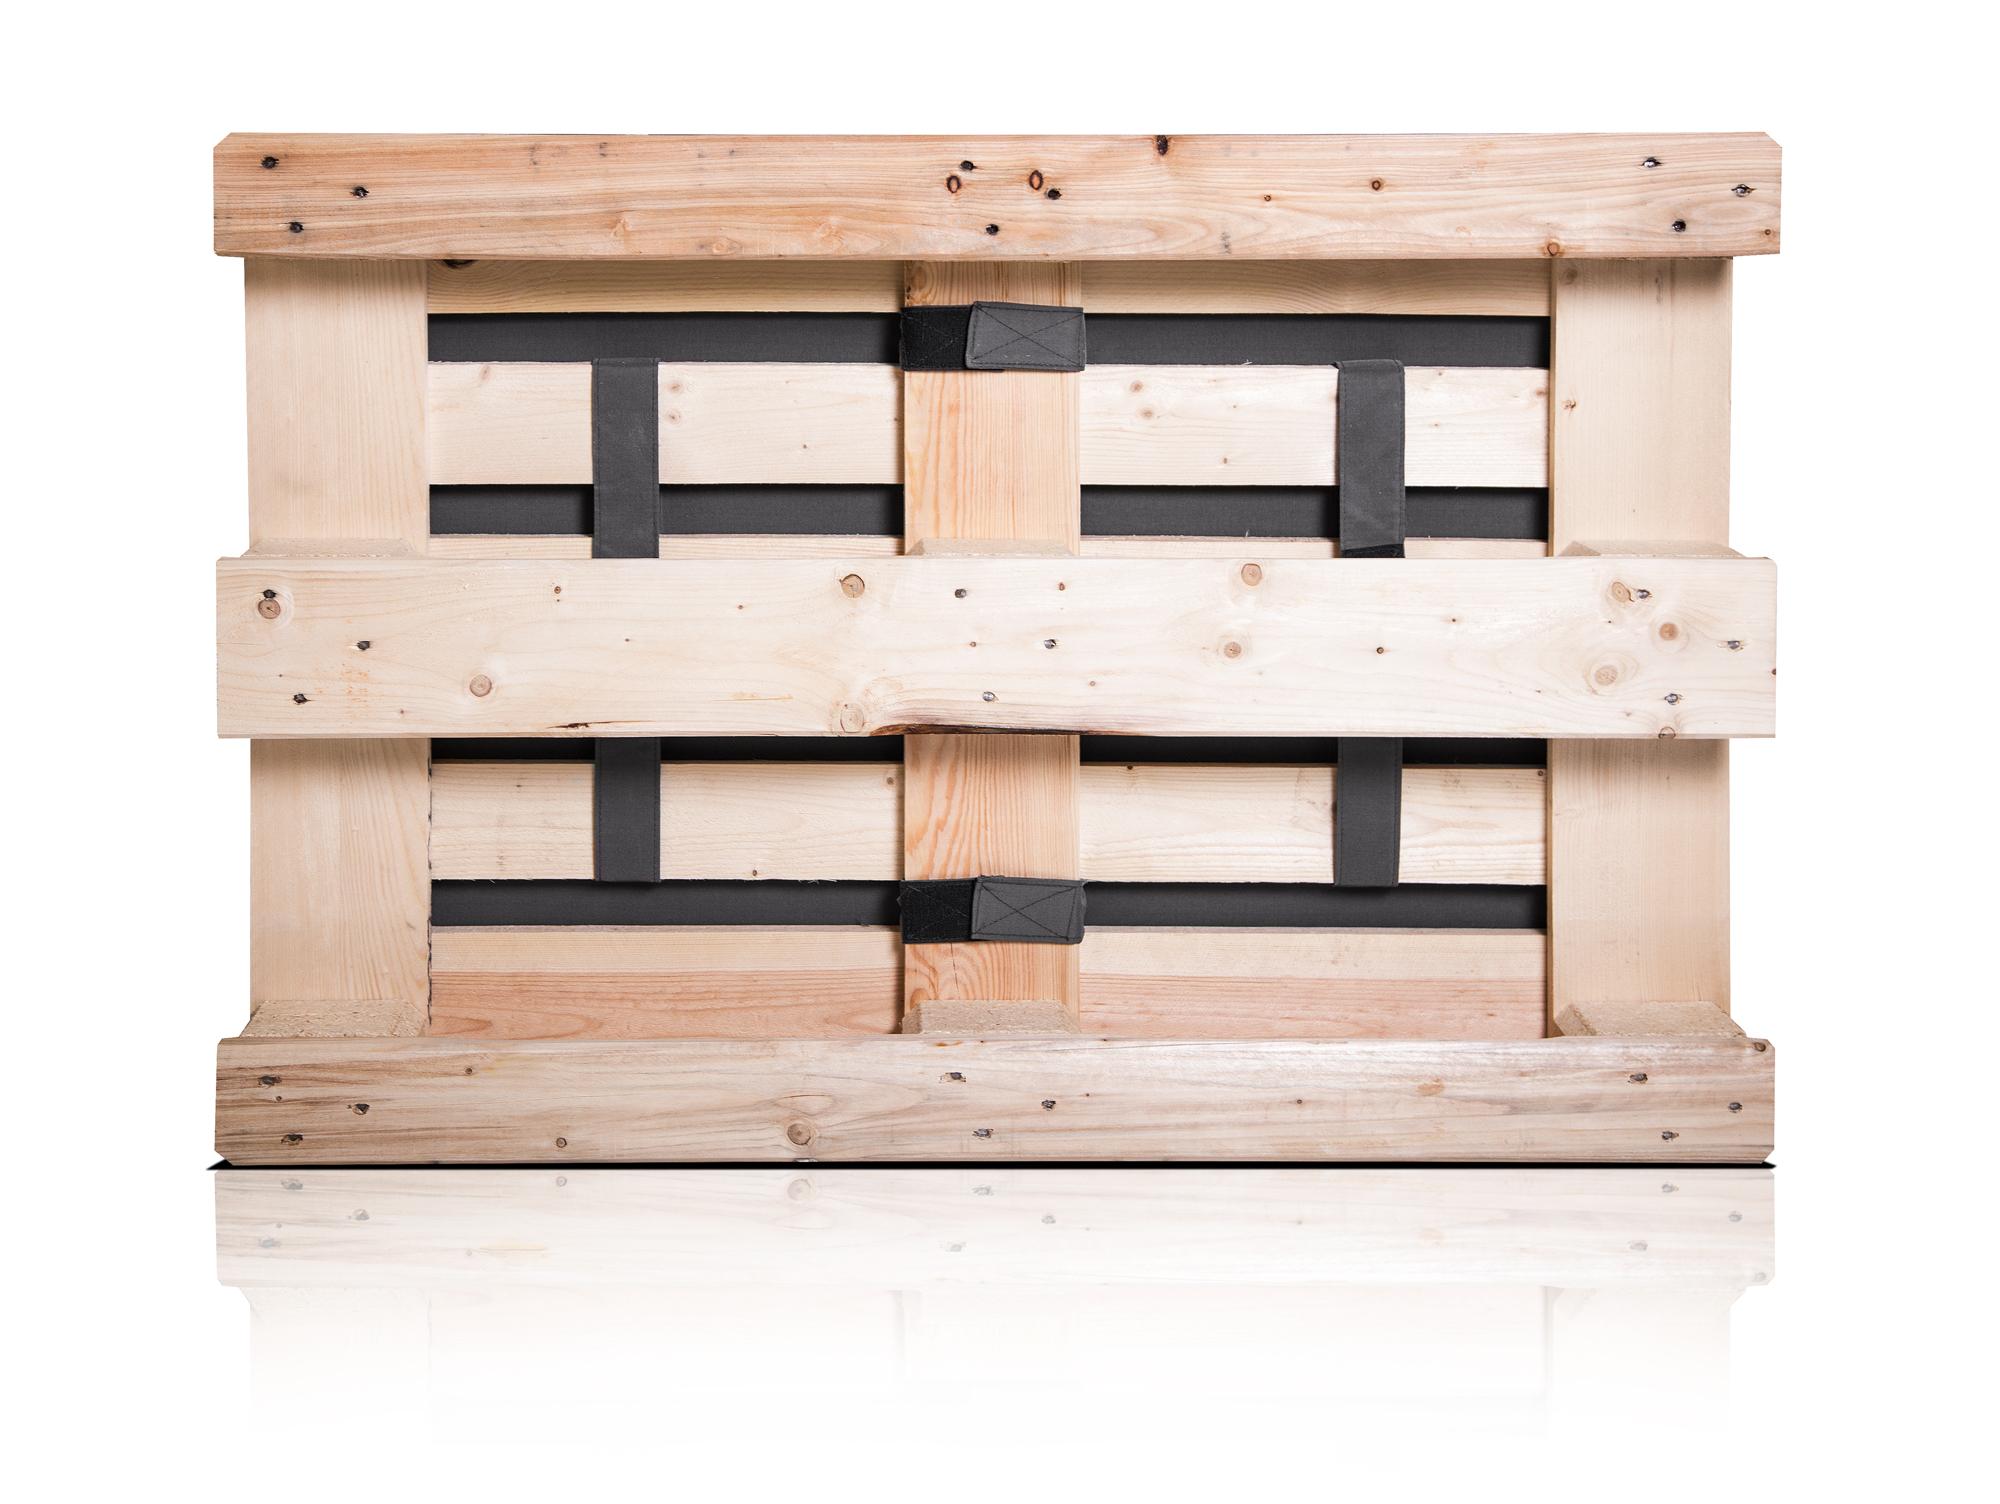 outdoor paletti xxl sofa europaletten natur mit wasserfesten polstern. Black Bedroom Furniture Sets. Home Design Ideas